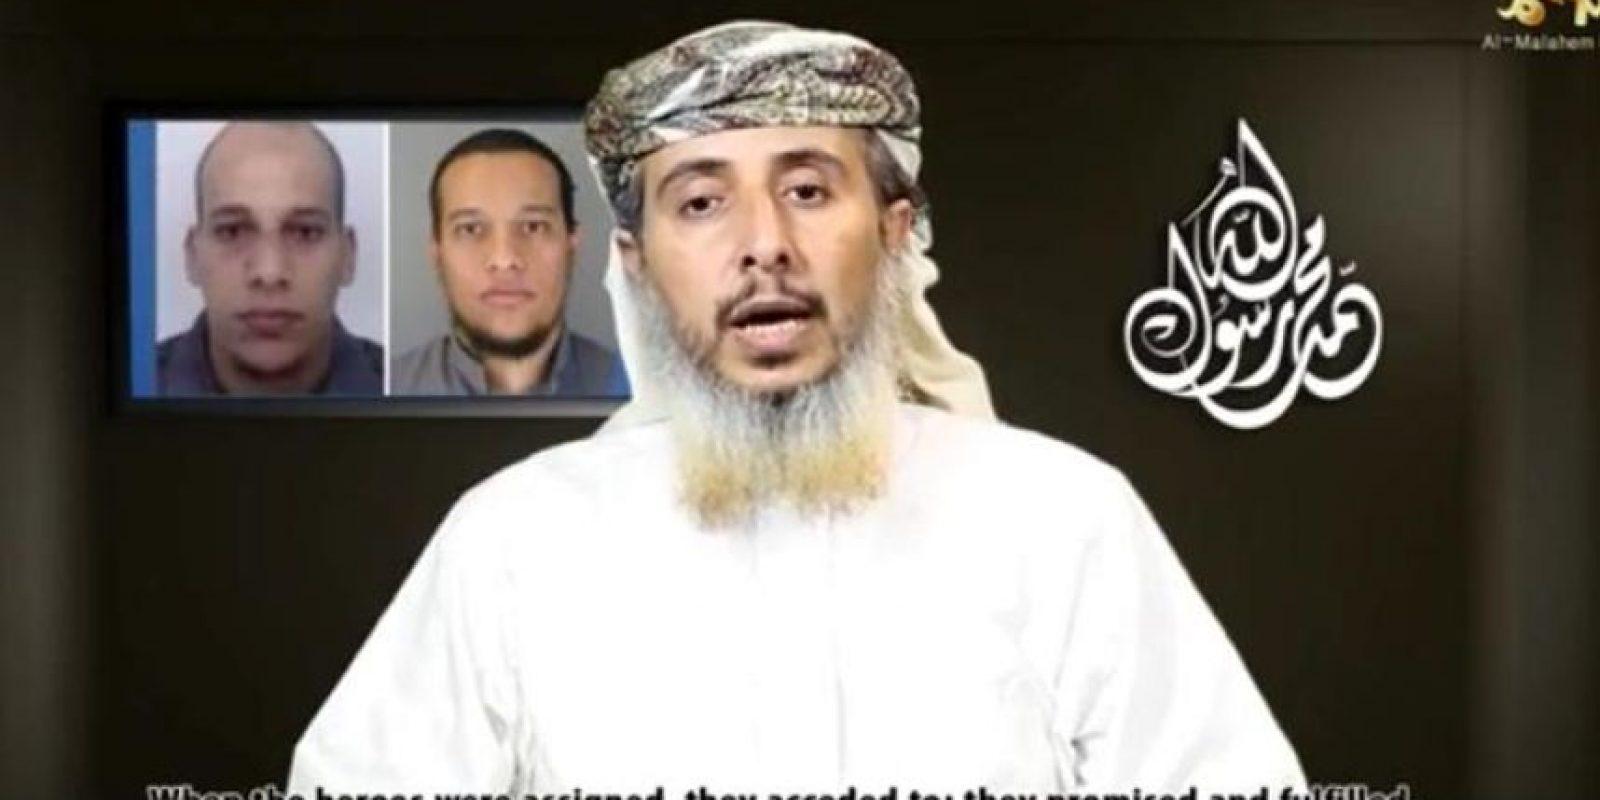 Captura de un video publicado hoy por Al Malahem Media en el que el dirigente militar de AQPA Nasr bin Ali al Anesi asume la responsabilidad del atentado contra el semanario satírico Charlie Hebdo. EFE/Al-Malahem Media